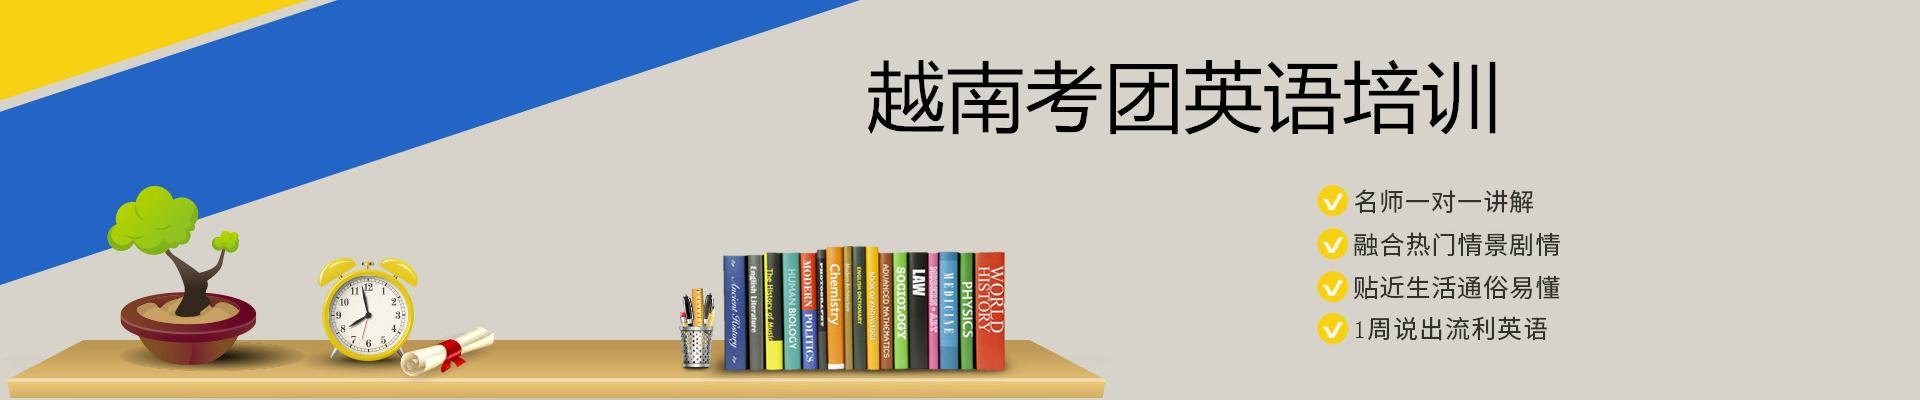 重庆解放碑新航道英语培训